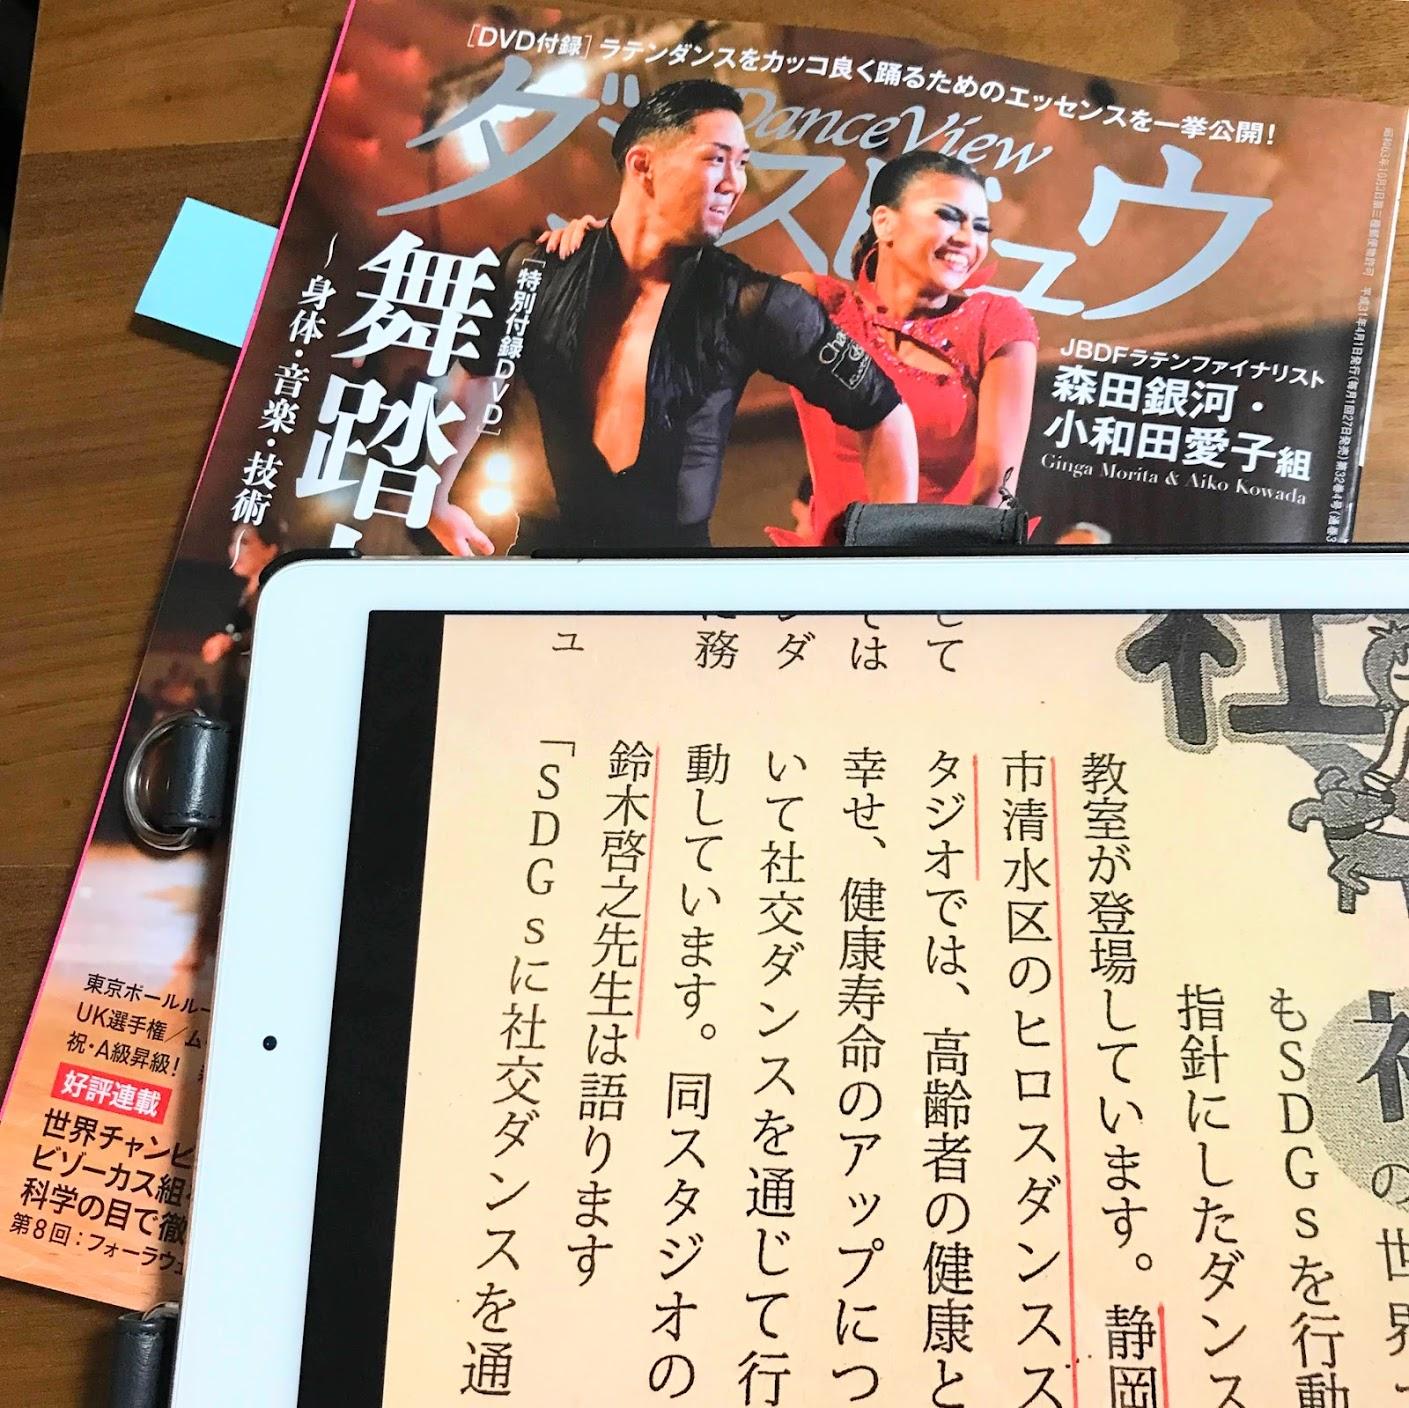 静岡市清水区の社交ダンス教室 SDGs